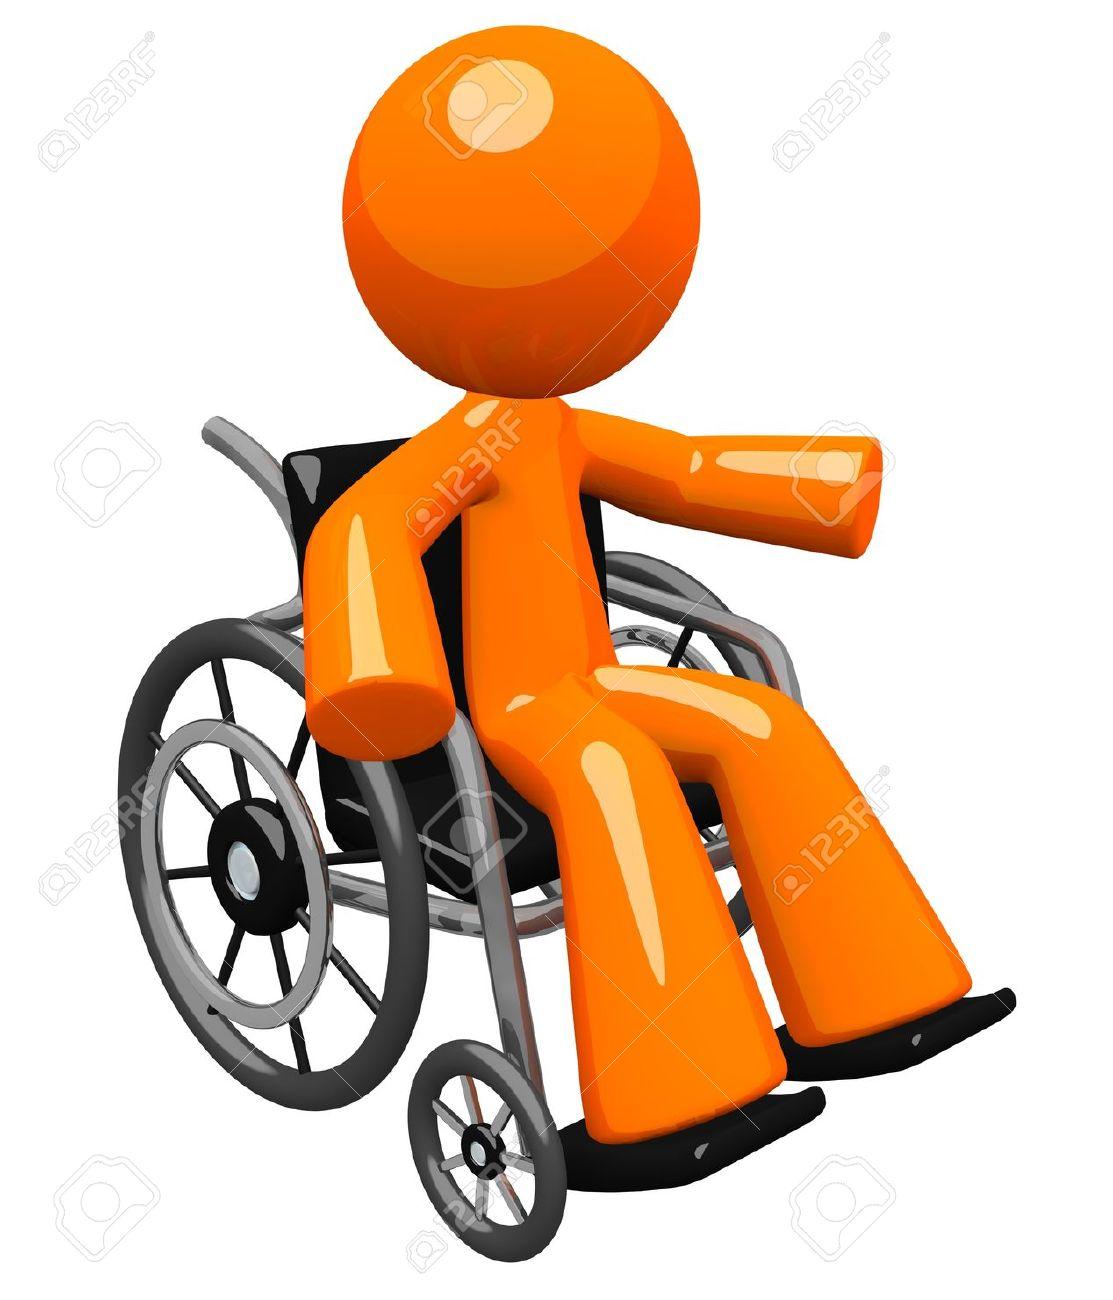 Un Homme D'orange Avec Son Bras Gestes, Dans Une Chaise Roulante.